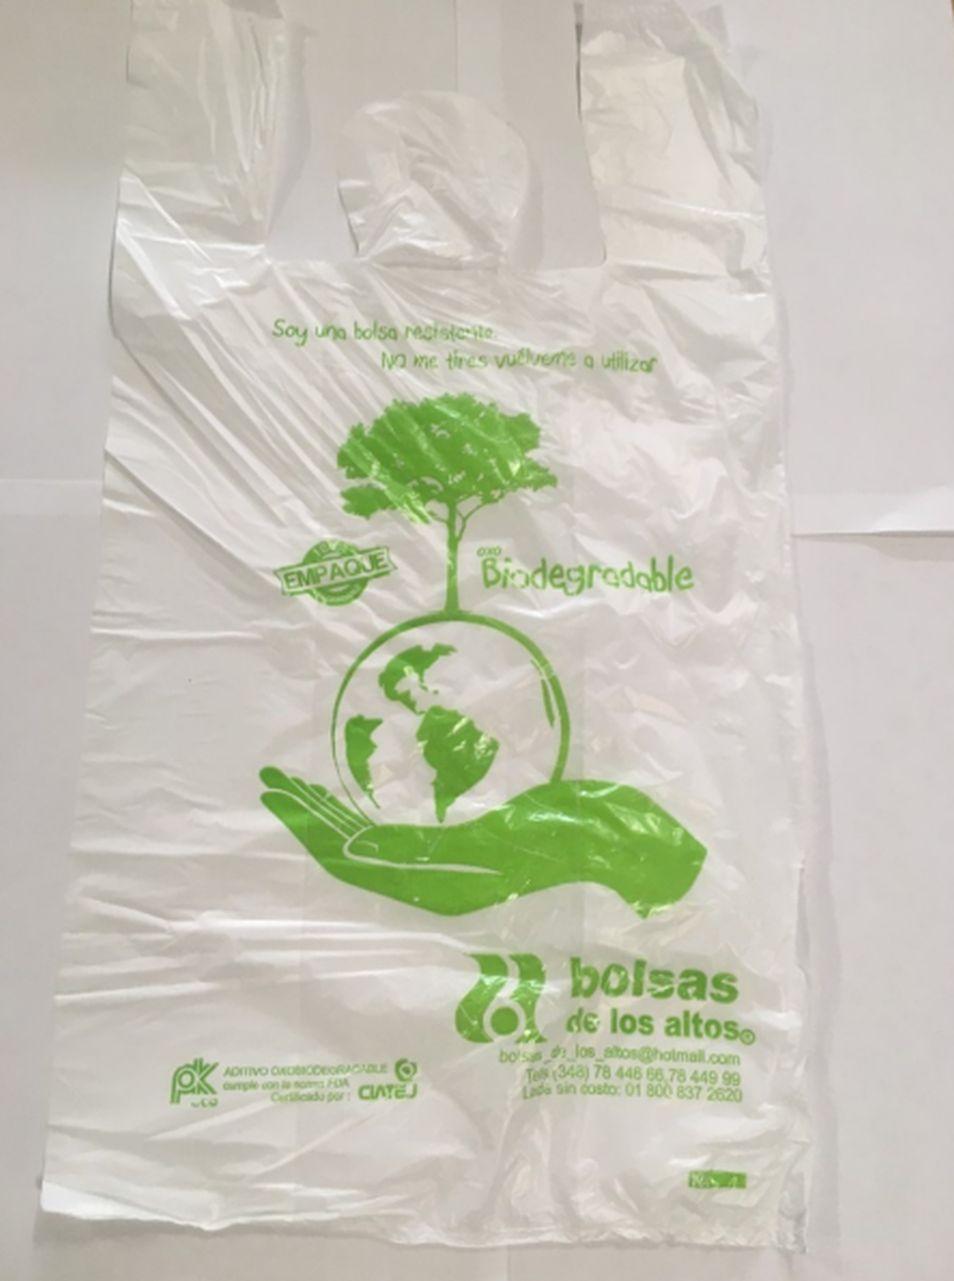 Estas bolsas son iguales a las bolsas tradicionales. (Foto: delenewsonline.com)